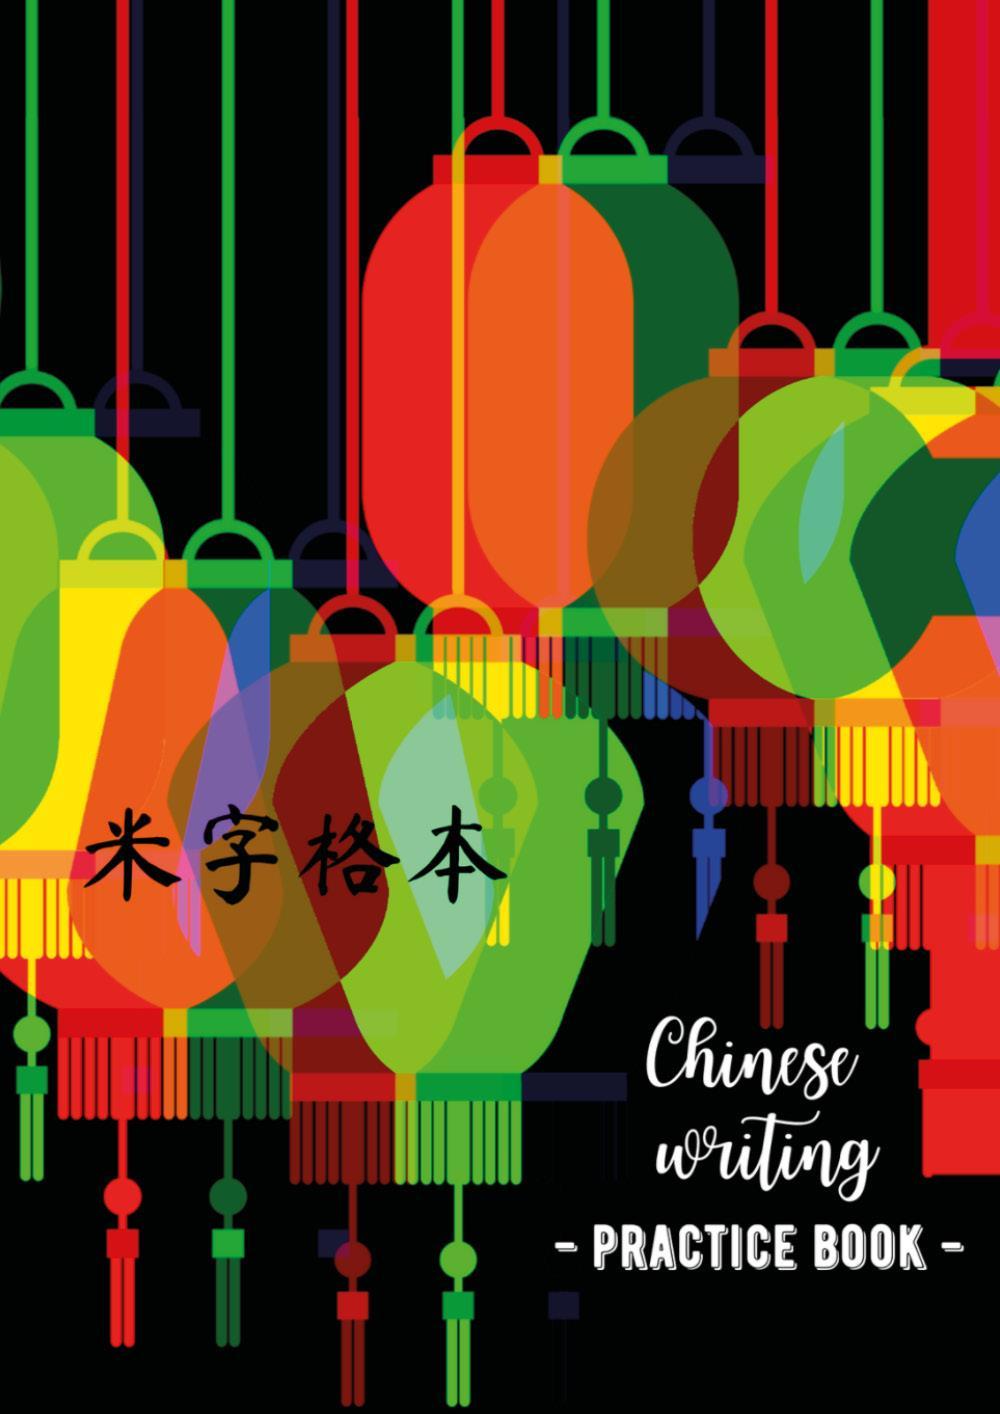 Chinese writing practice book. Lantern